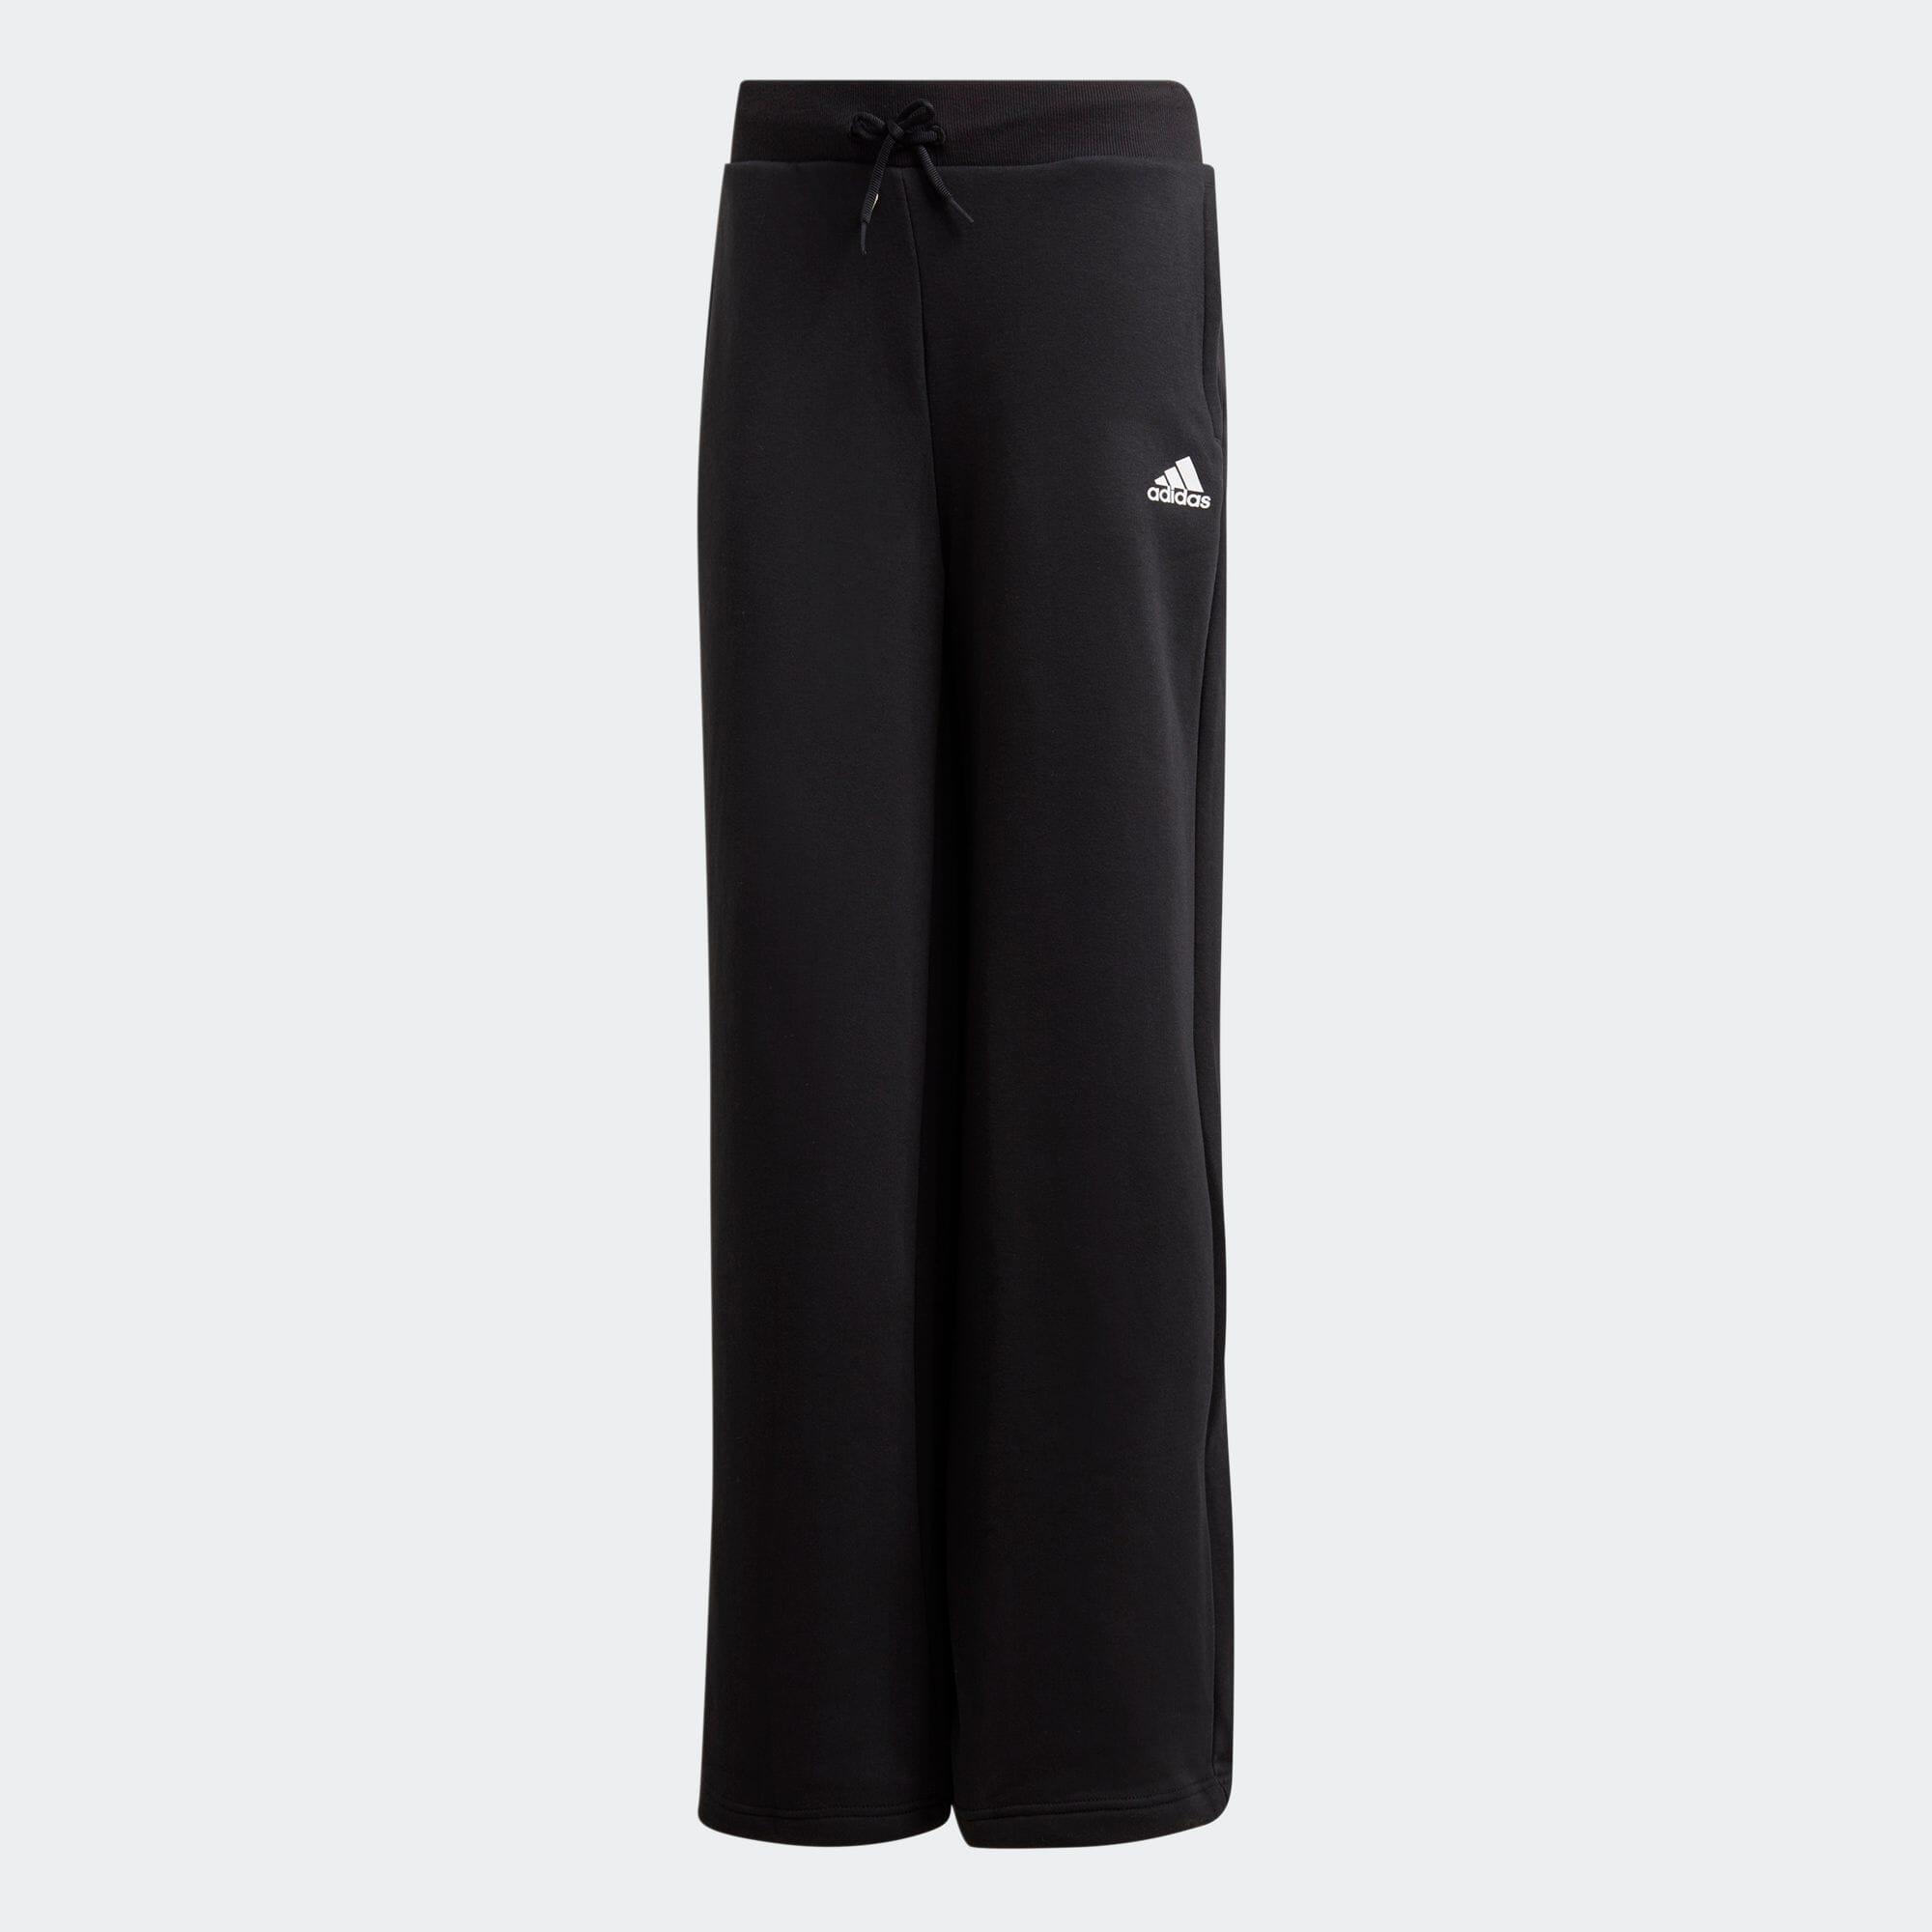 アジャスタブル フリースパンツ / Adjustable Fleece Pants